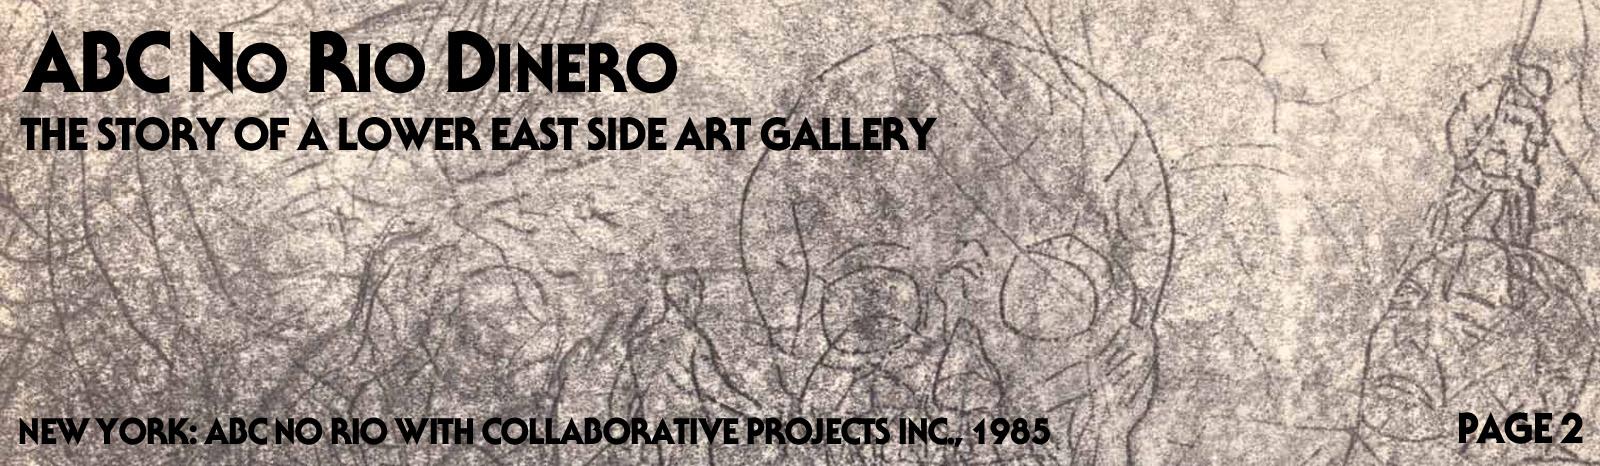 abc-no-rio-page-cover-2.jpg